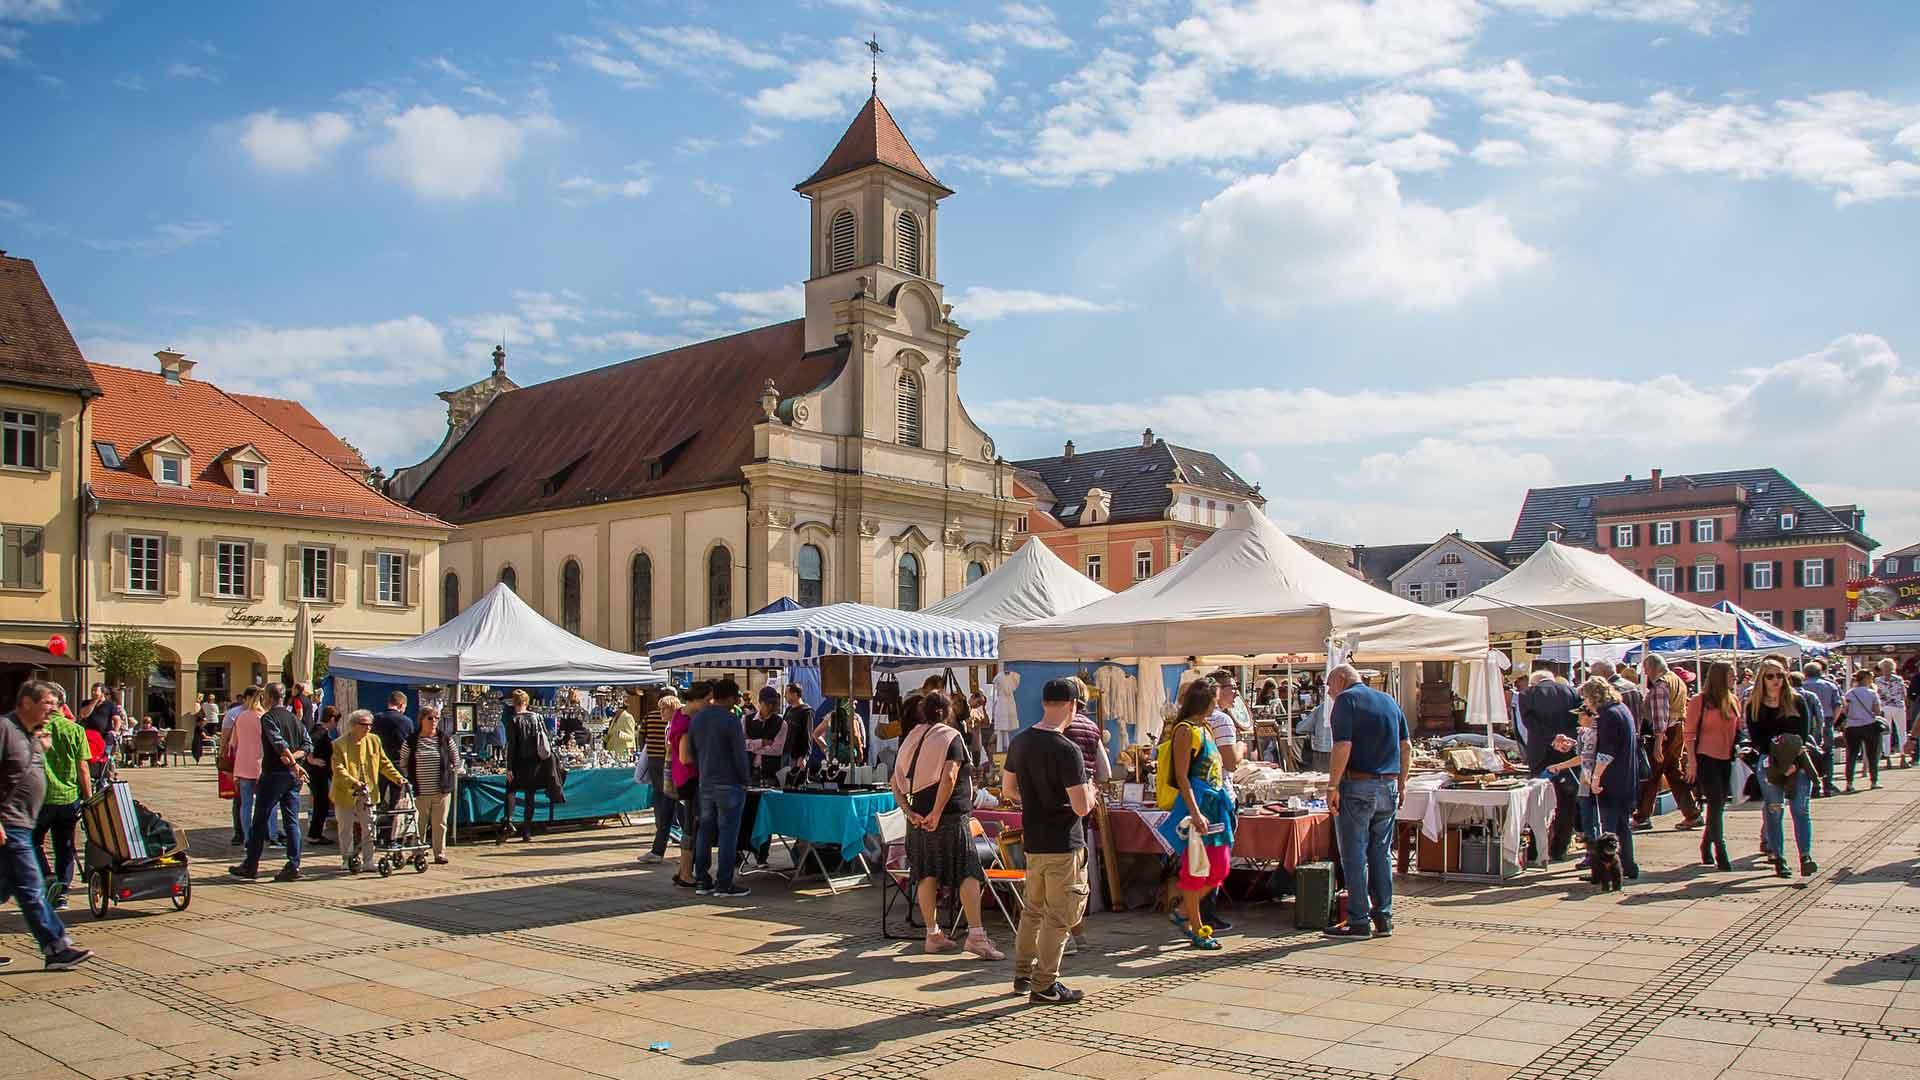 Een bezoek aan de markt in Lüdwigsburg is een aanrader